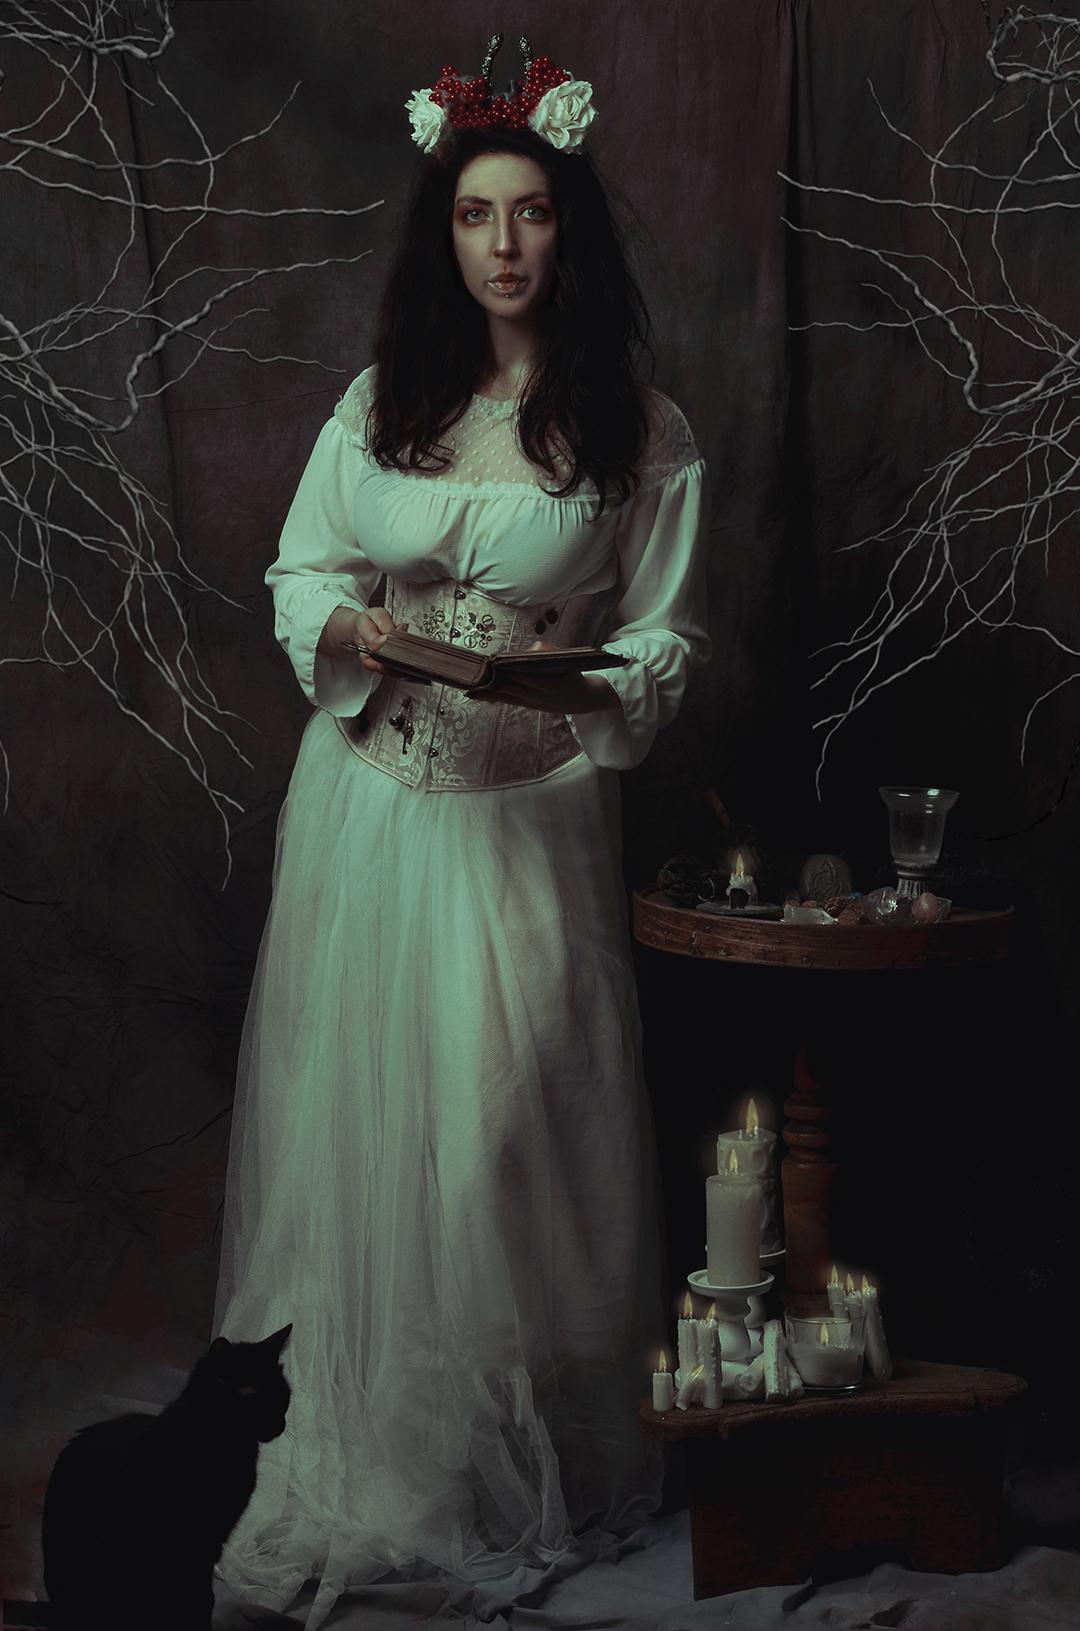 Ritratto fotografico fine art Firenze di Erica Mottin rappresentante una donna nelle vesti di una dea pagana con altare candele e un gatto nero